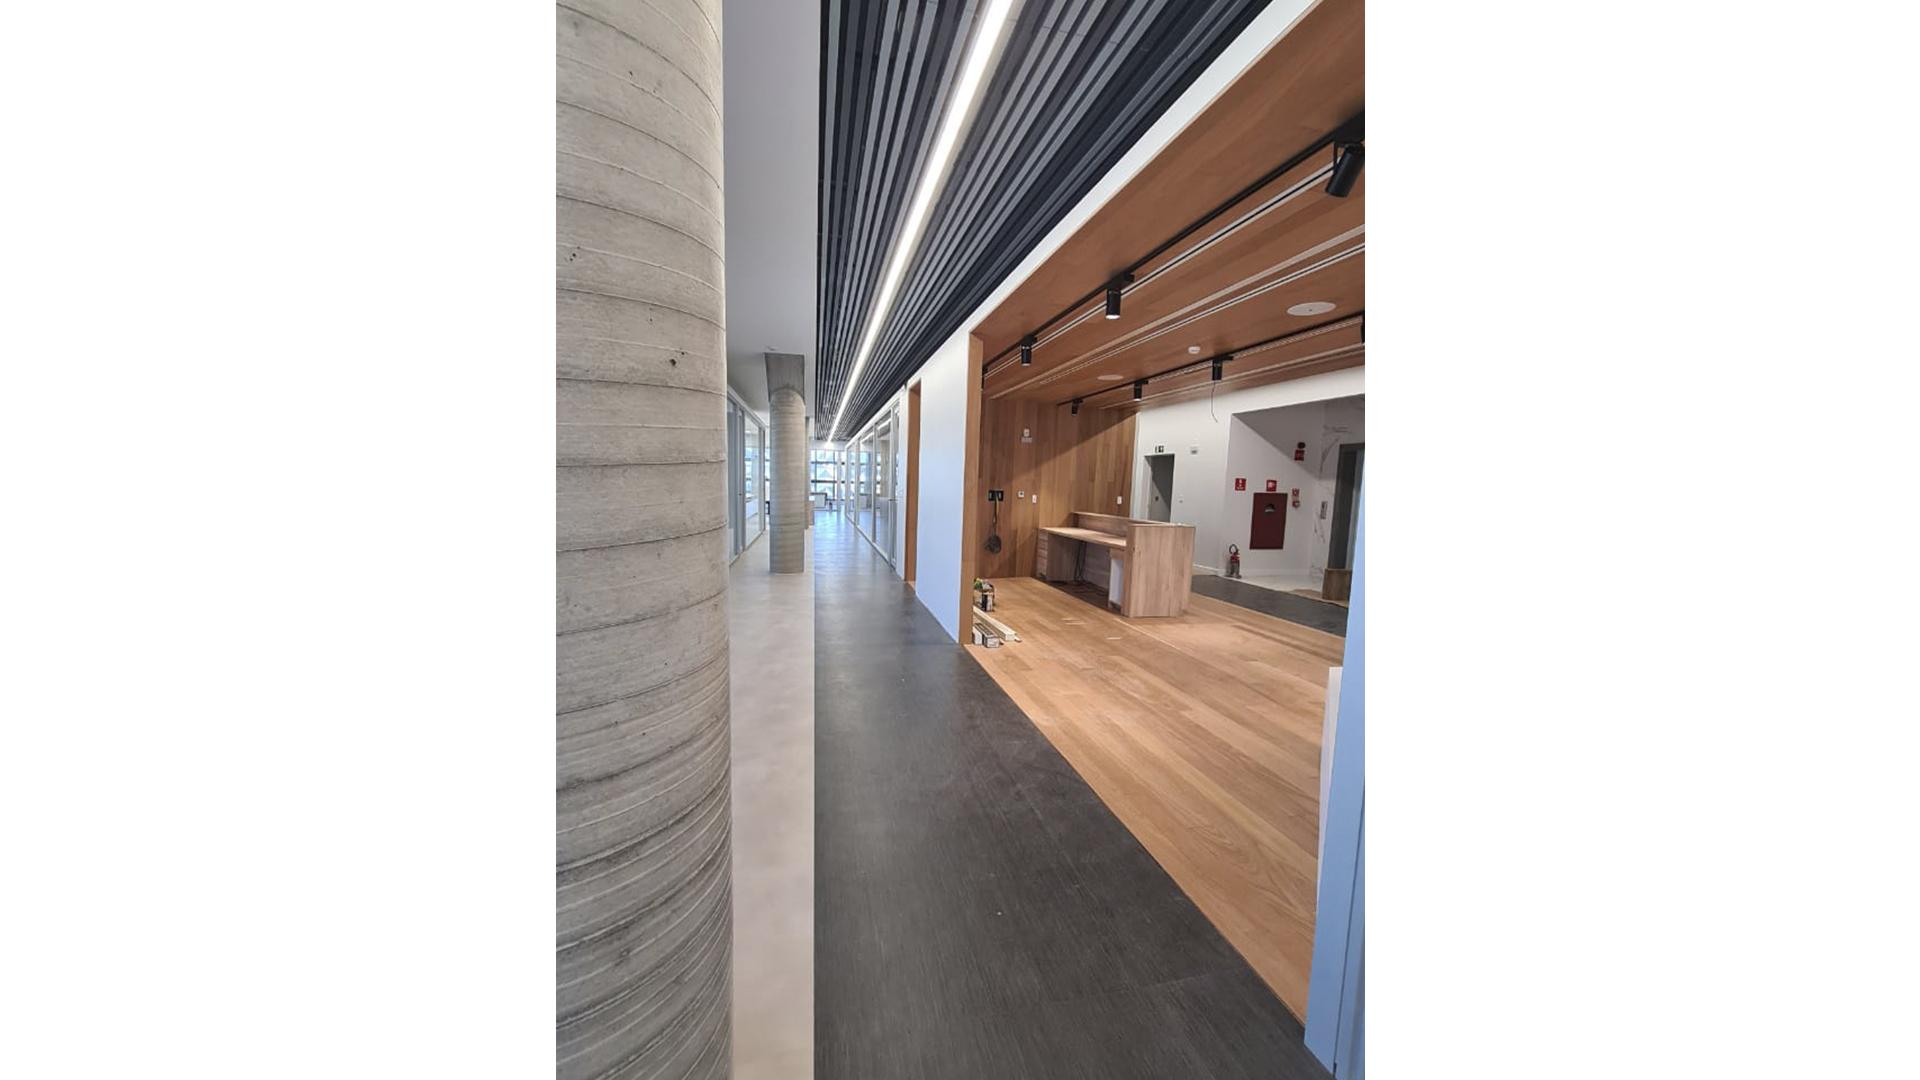 A escolha da madeira depende do uso que será dado a ela, o que deve considerar tanto o estilo e a função do ambiente quanto a aplicação do material (se integrará a estrutura, o revestimento ou um móvel).